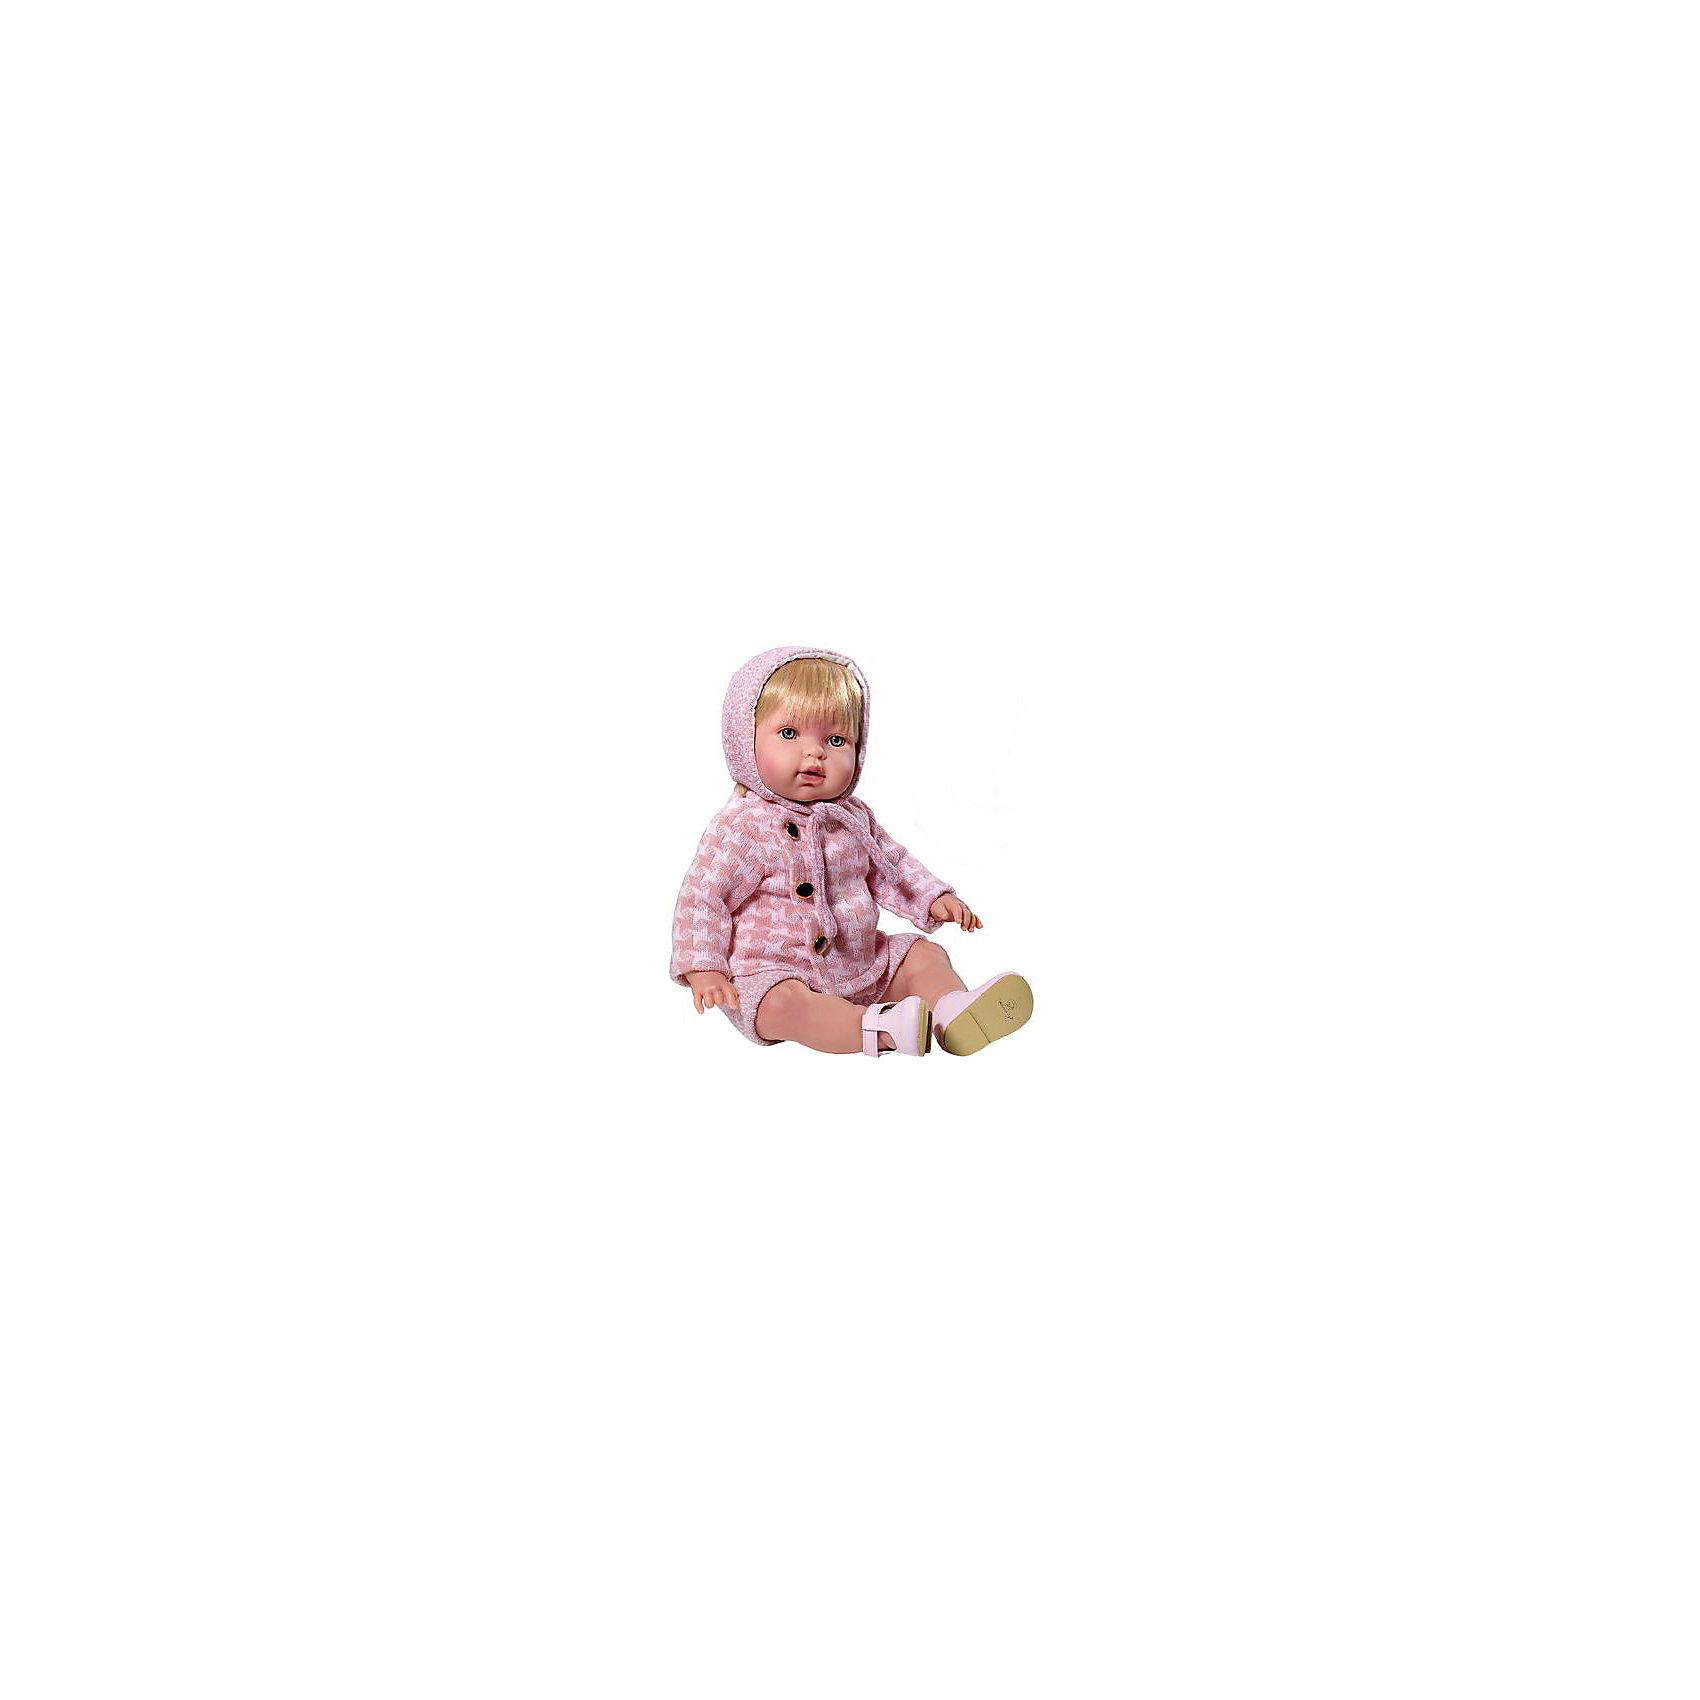 Кукла Vestida de Azul Марина-инфанта в розовом костюме для прогулкиКуклы<br><br><br>Ширина мм: 470<br>Глубина мм: 160<br>Высота мм: 250<br>Вес г: 1350<br>Возраст от месяцев: 36<br>Возраст до месяцев: 2147483647<br>Пол: Женский<br>Возраст: Детский<br>SKU: 7073759